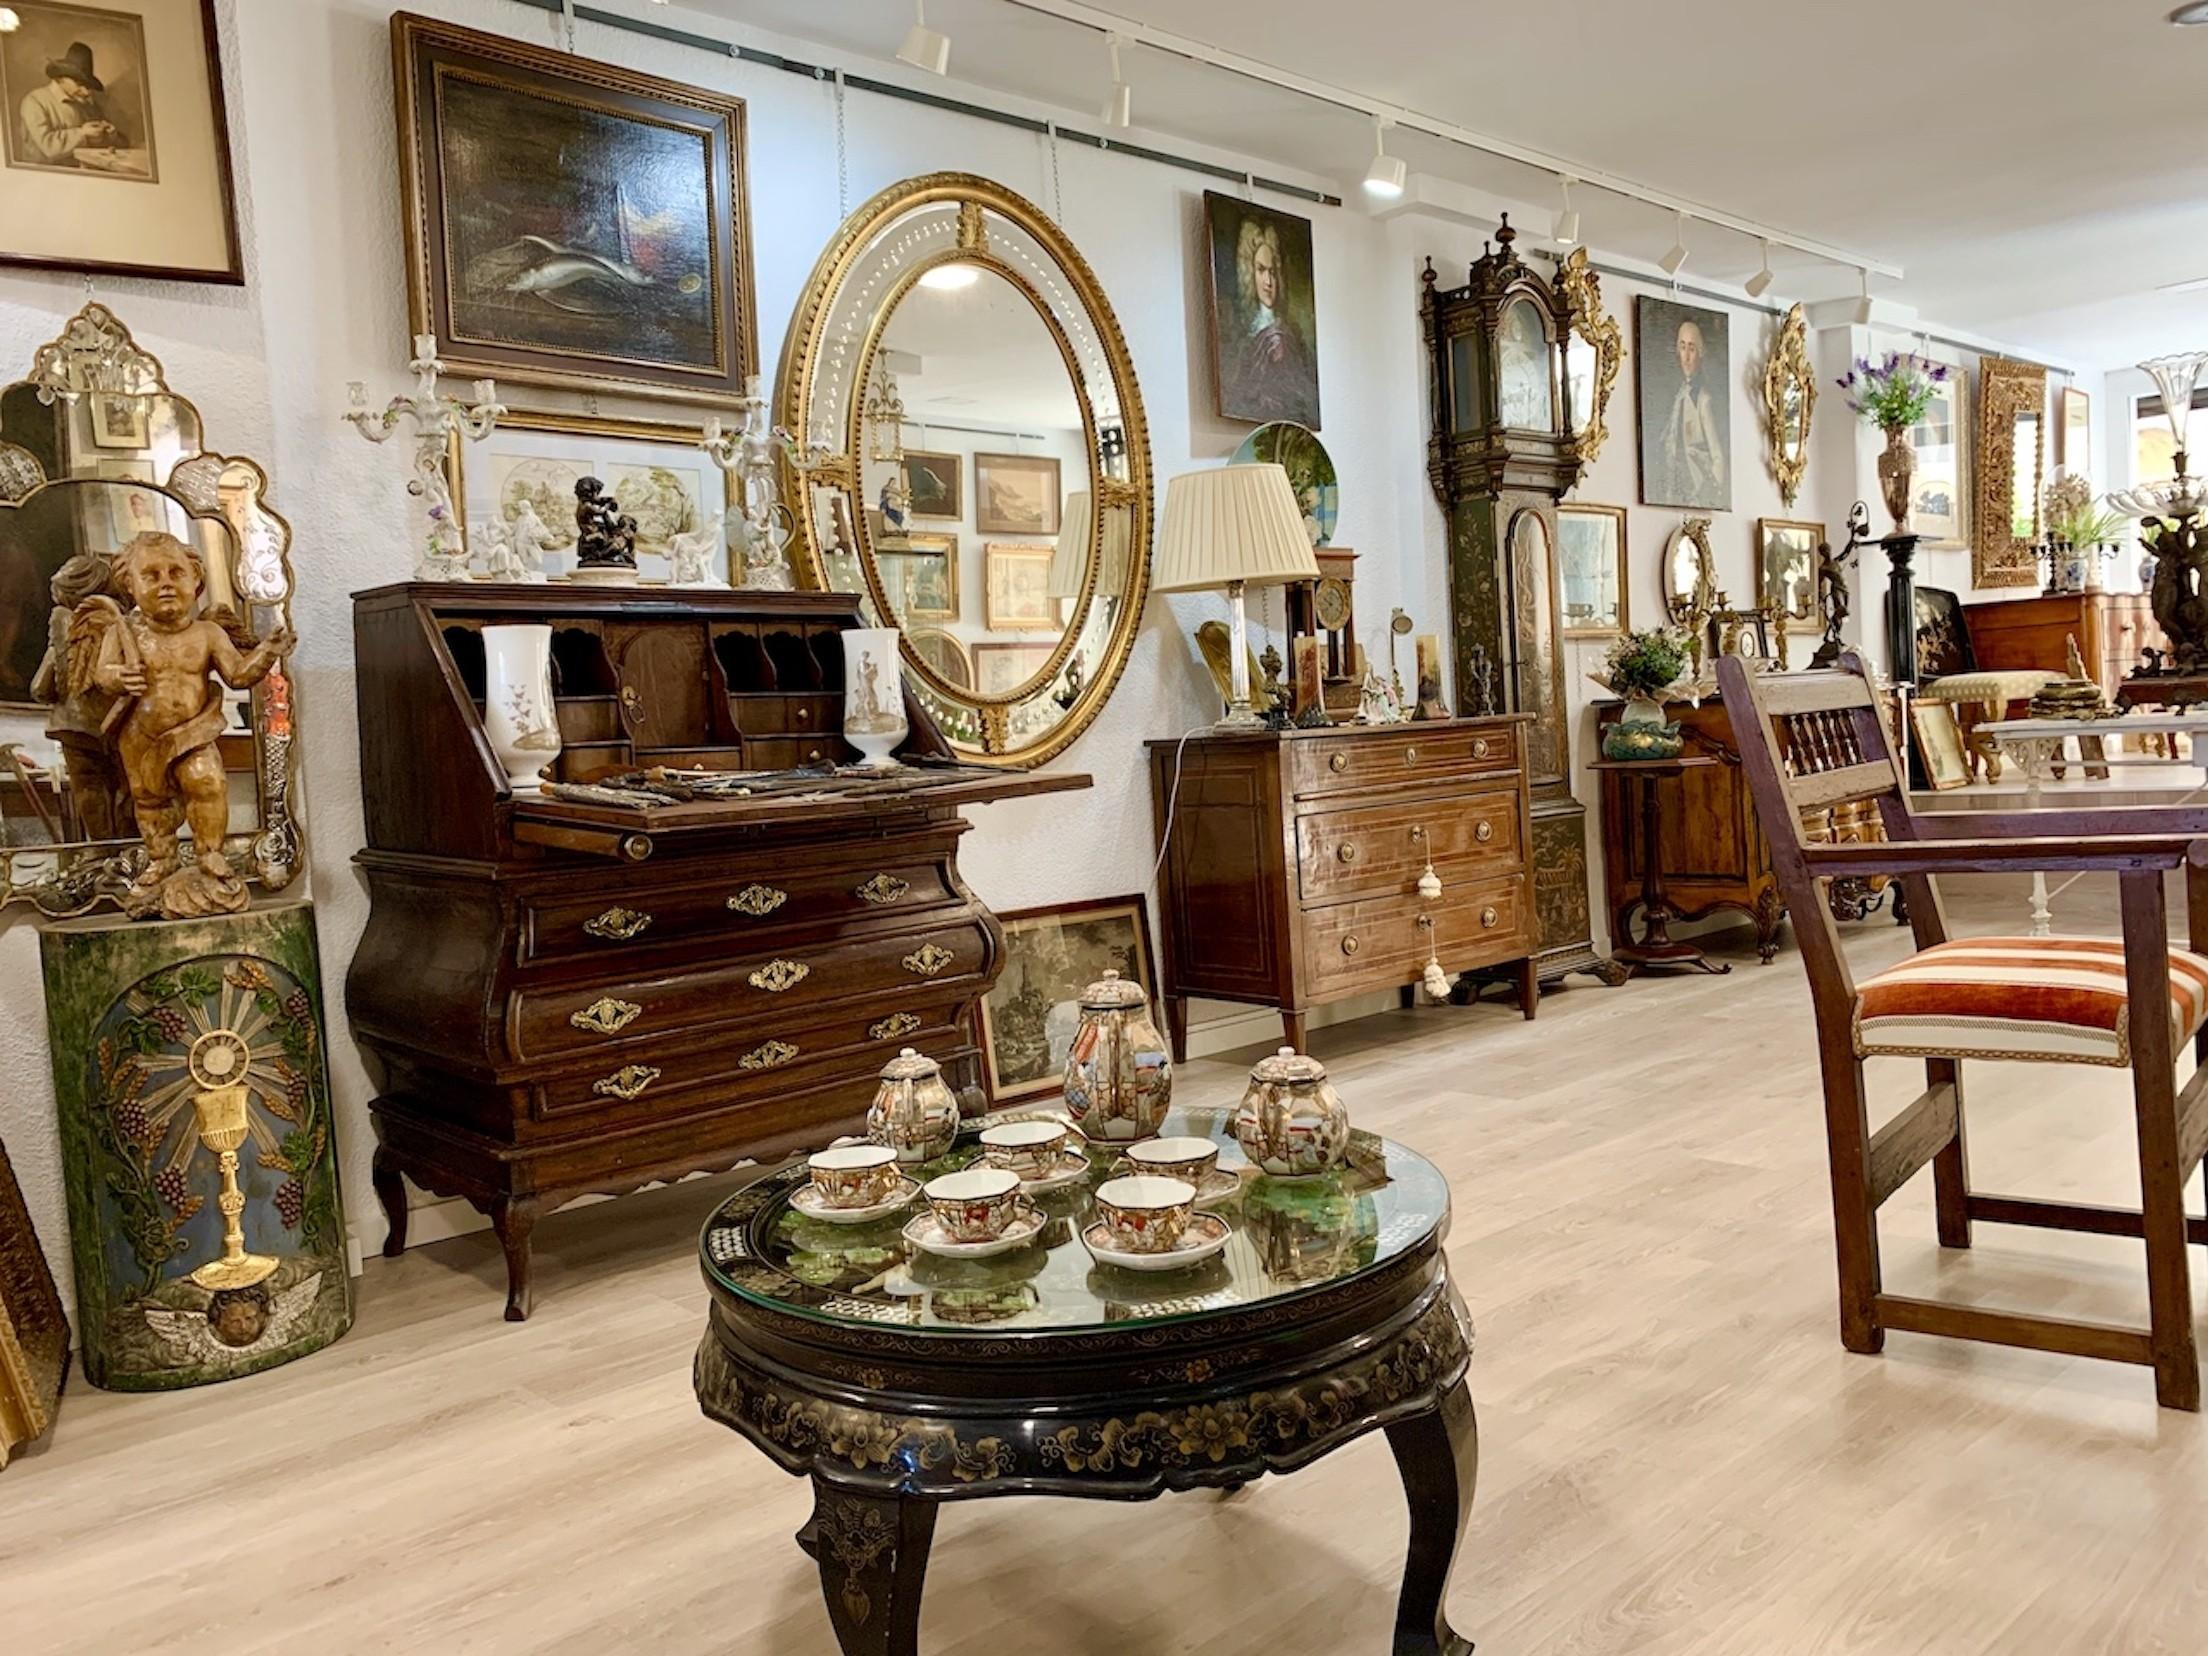 ANTIGUART antique and interior decoration